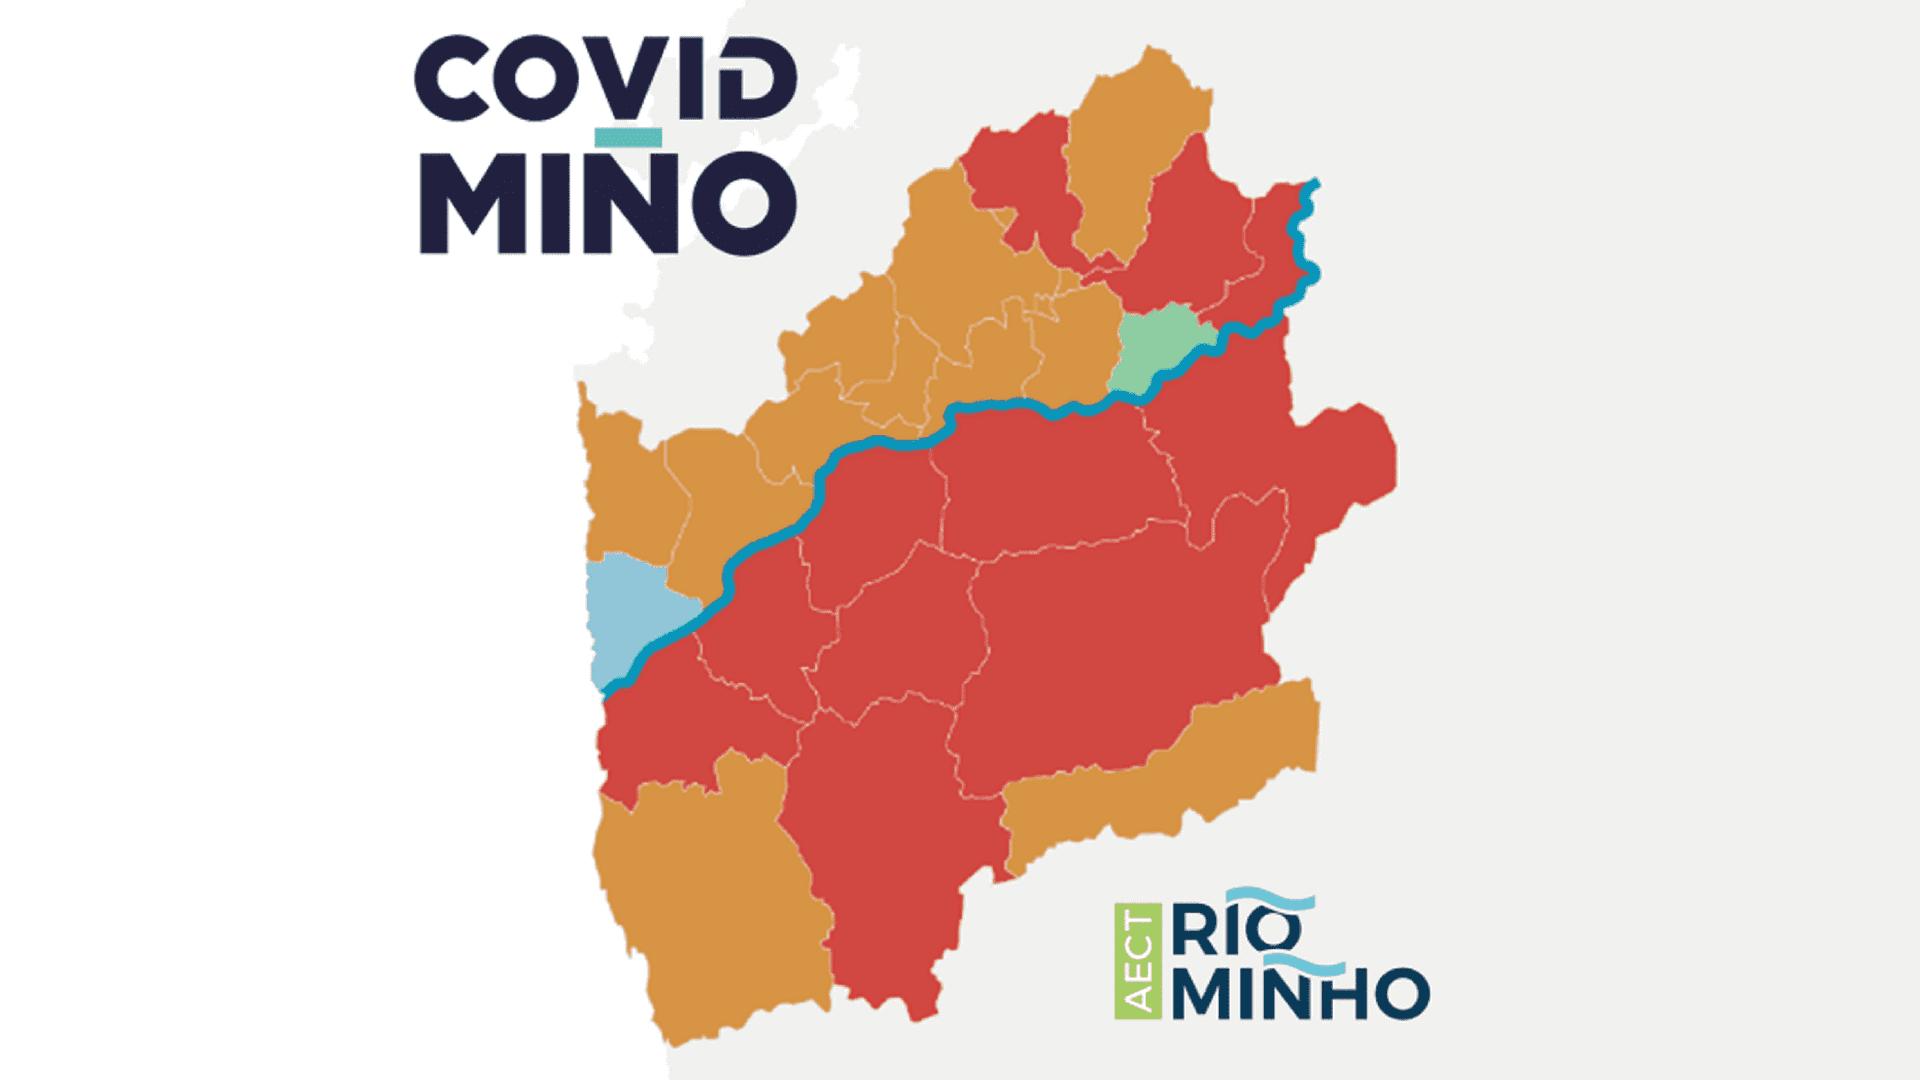 covidmiño_noticia